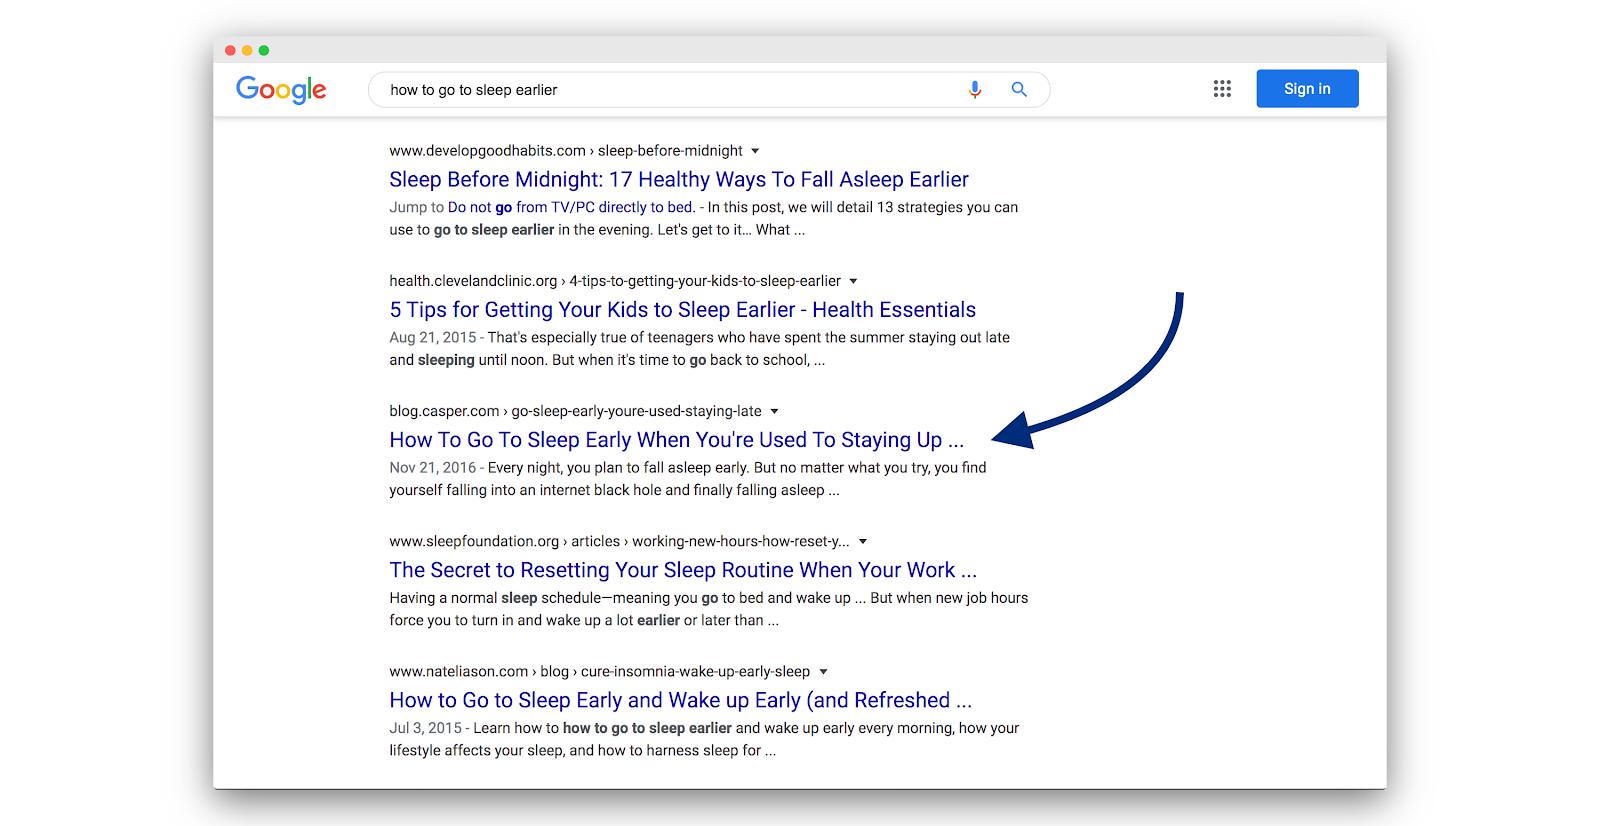 Google search results for Casper